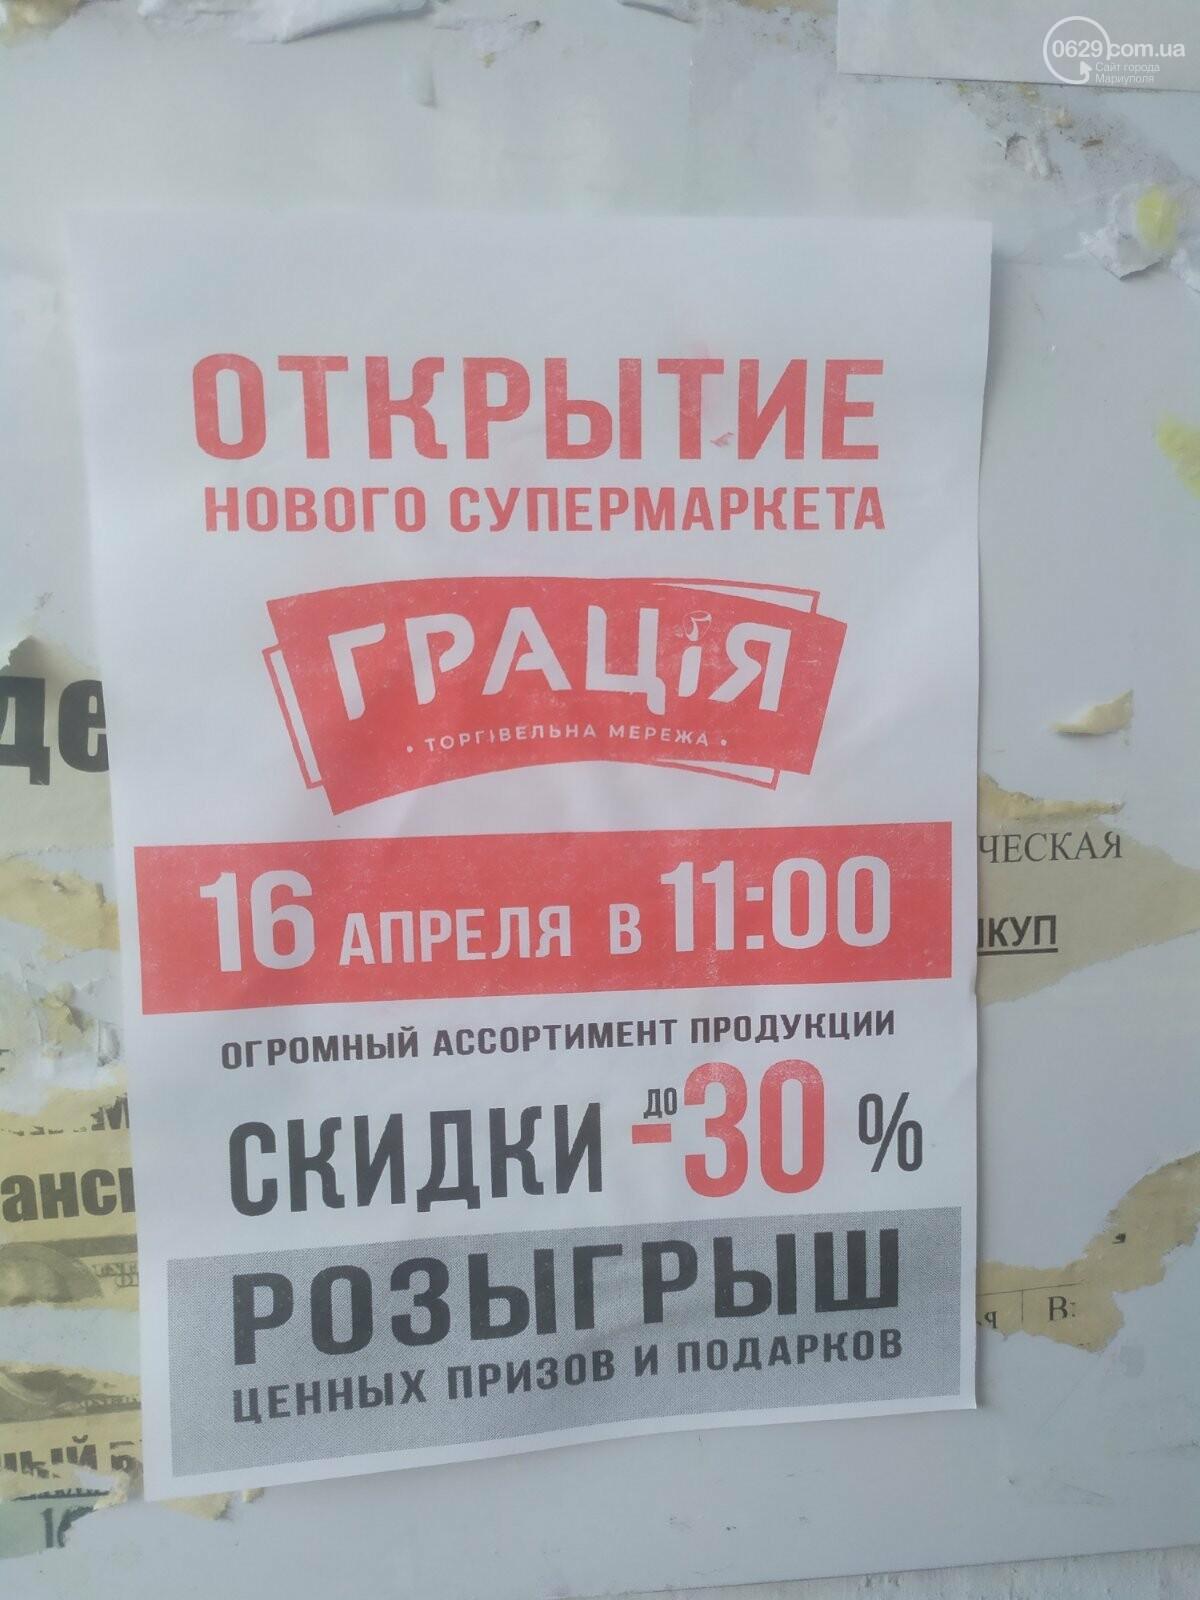 Мариупольцы в нарушение карантина штурмуют новый супермаркет, - ФОТО, ВИДЕО, фото-6